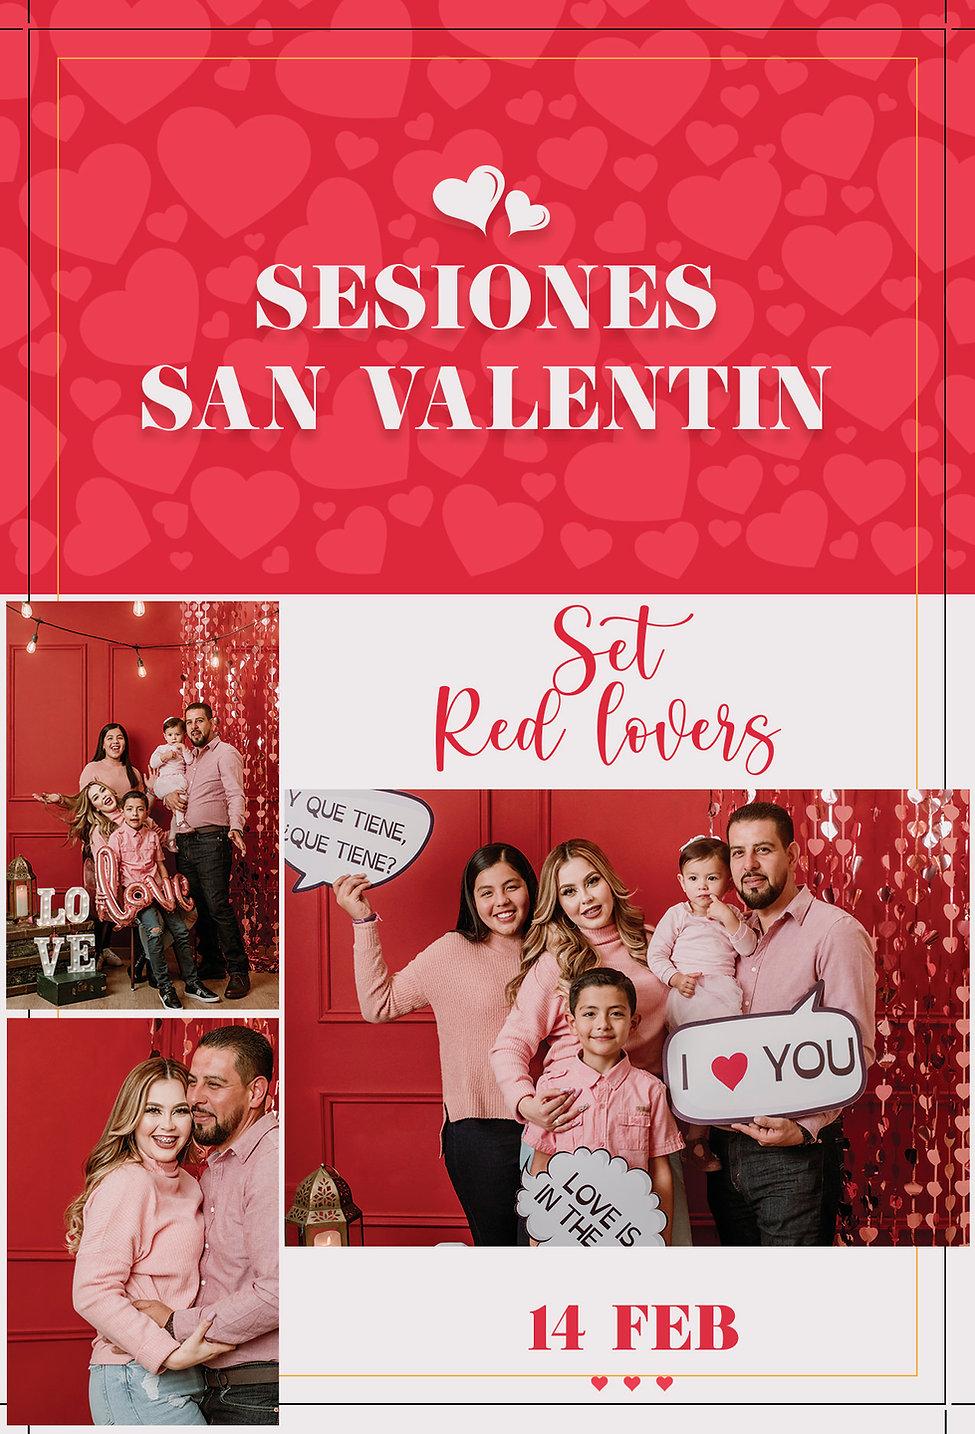 Red Lovers Set.jpg